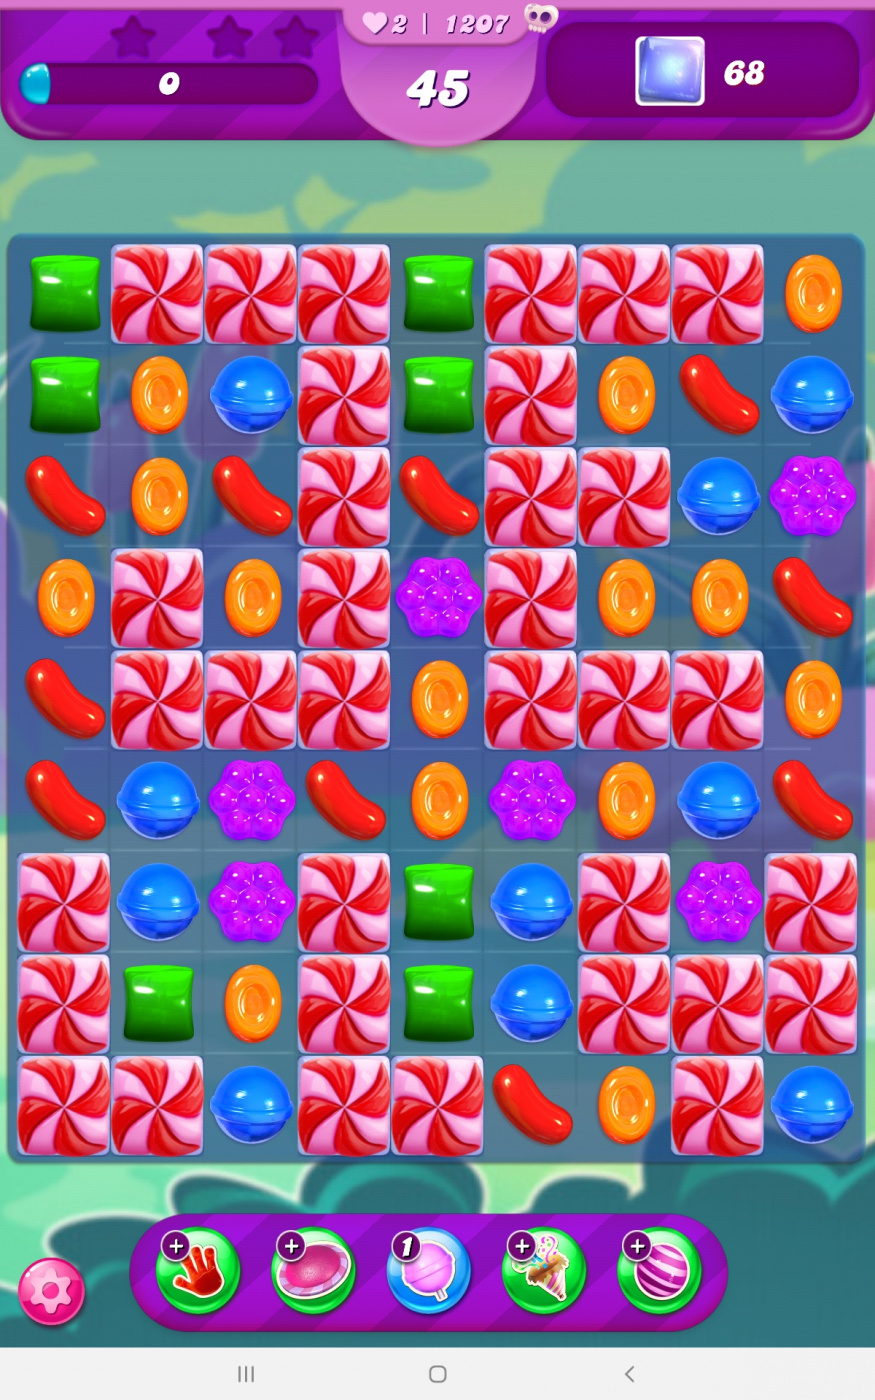 Screenshot_20210319-142956_Candy Crush Saga.jpg